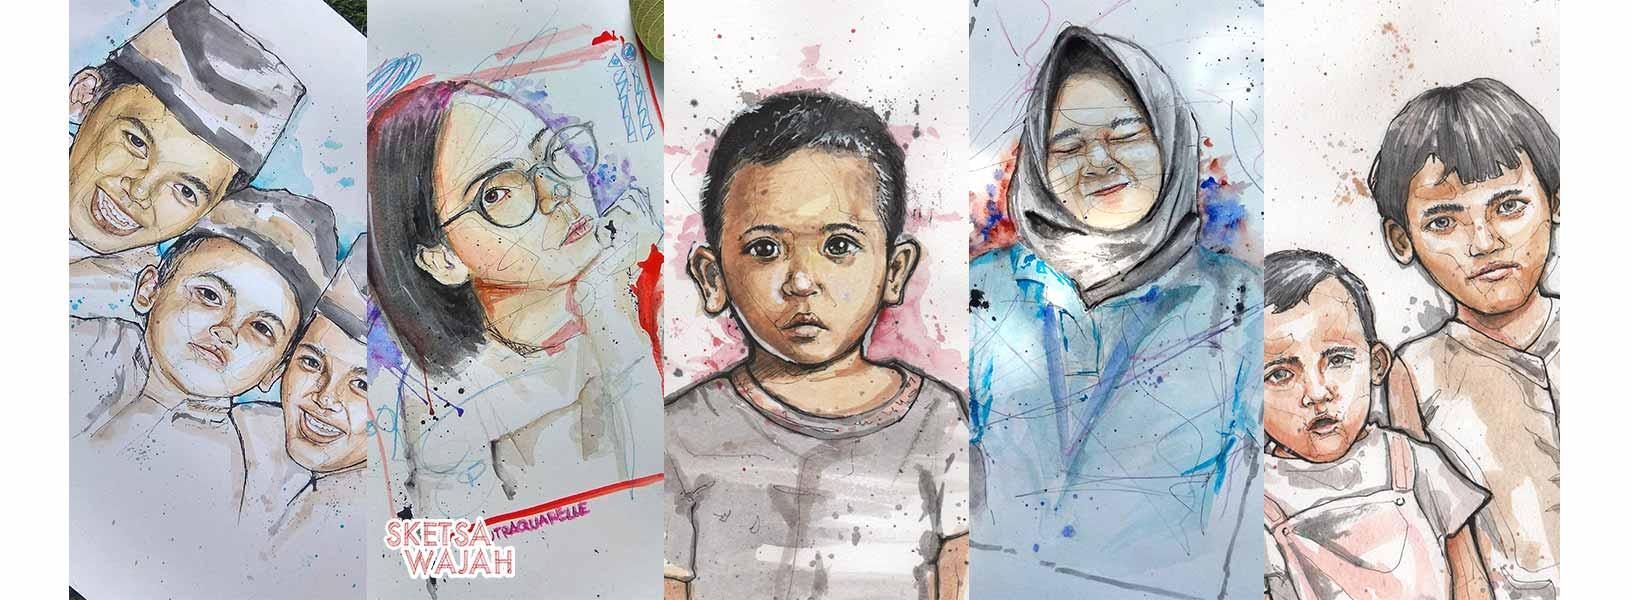 Karya Bagus Putra sketcher Sketsa Wajah